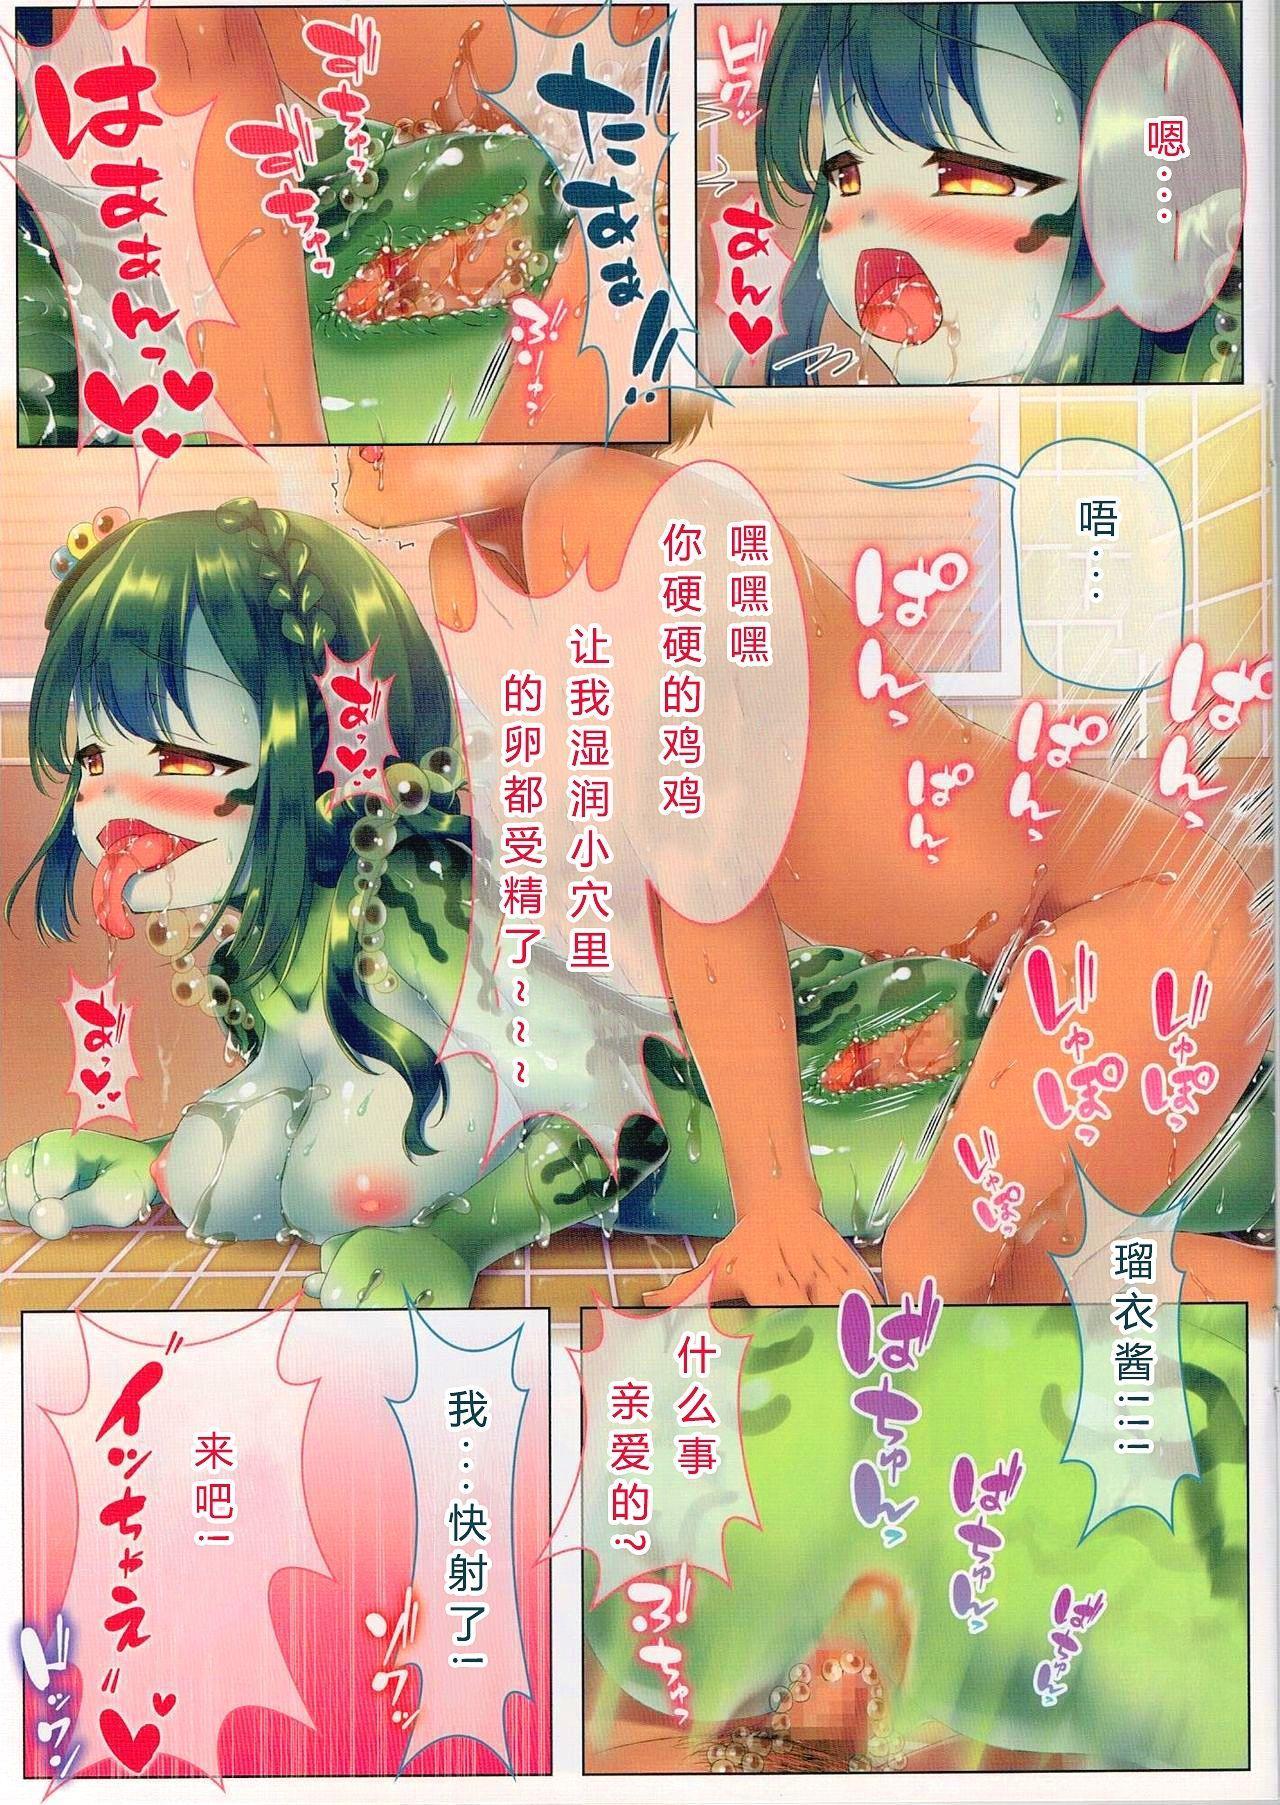 Seieki Daisuki Rui-chan no Semeseme Ningen Choukyou Nikki 2 13